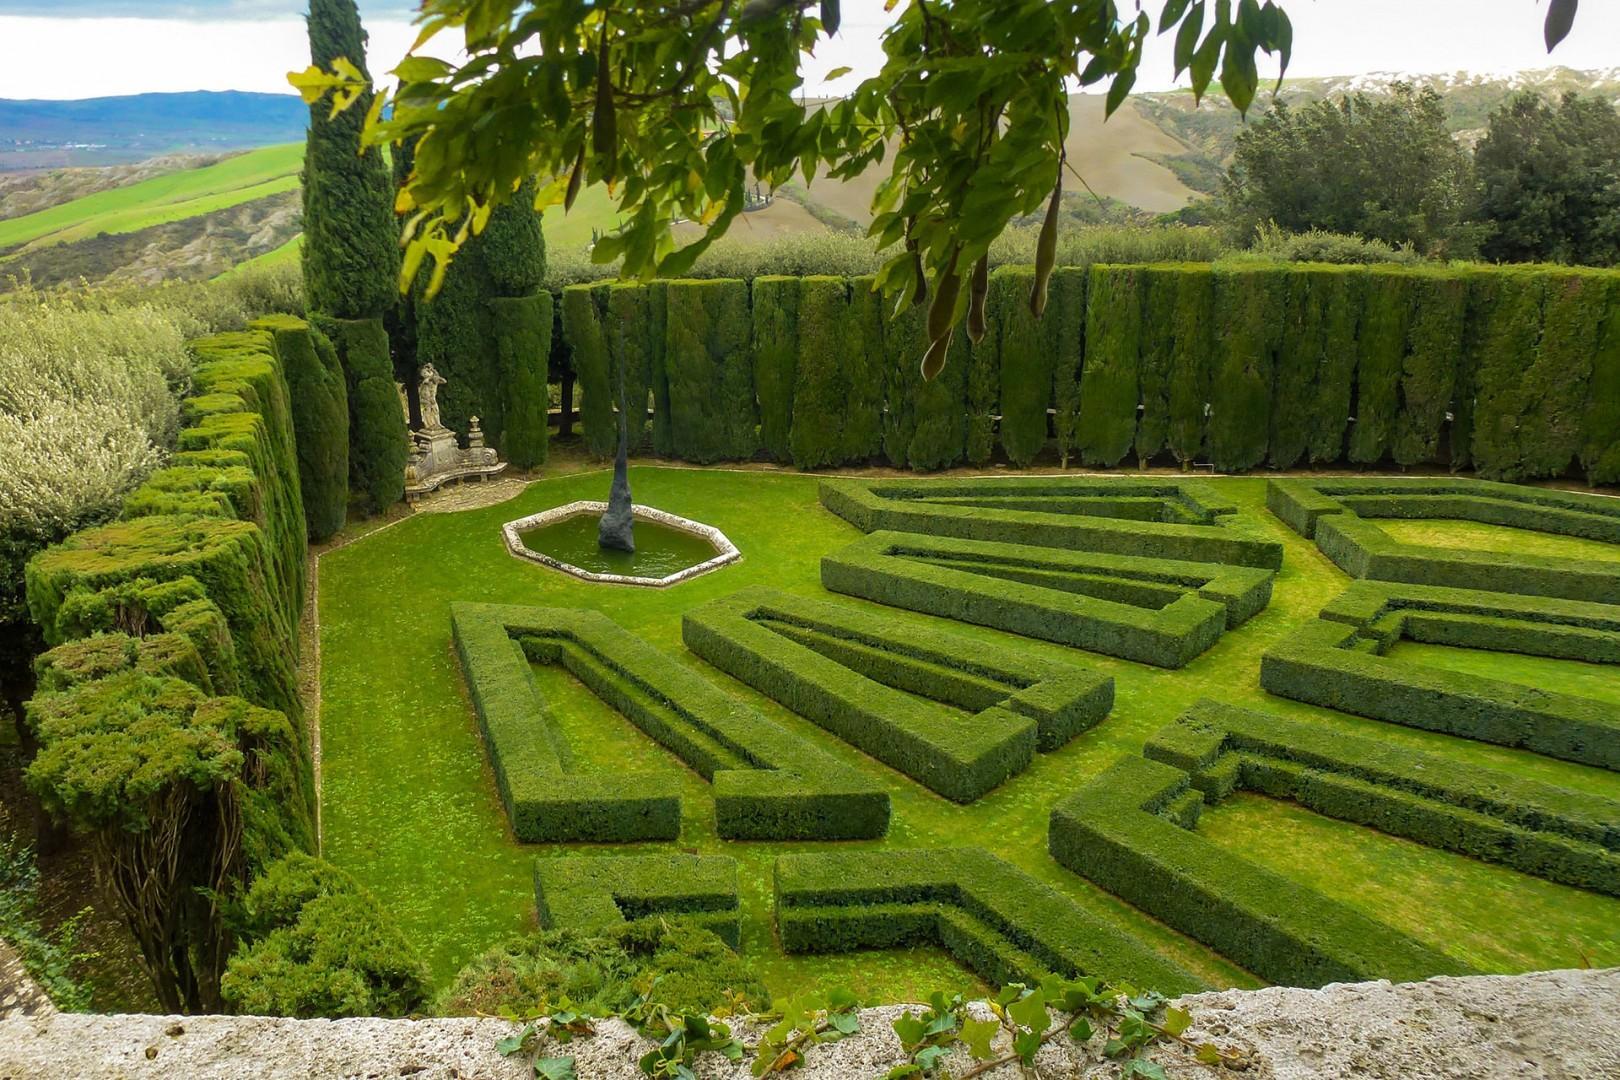 Formal English gardens at the main villa.